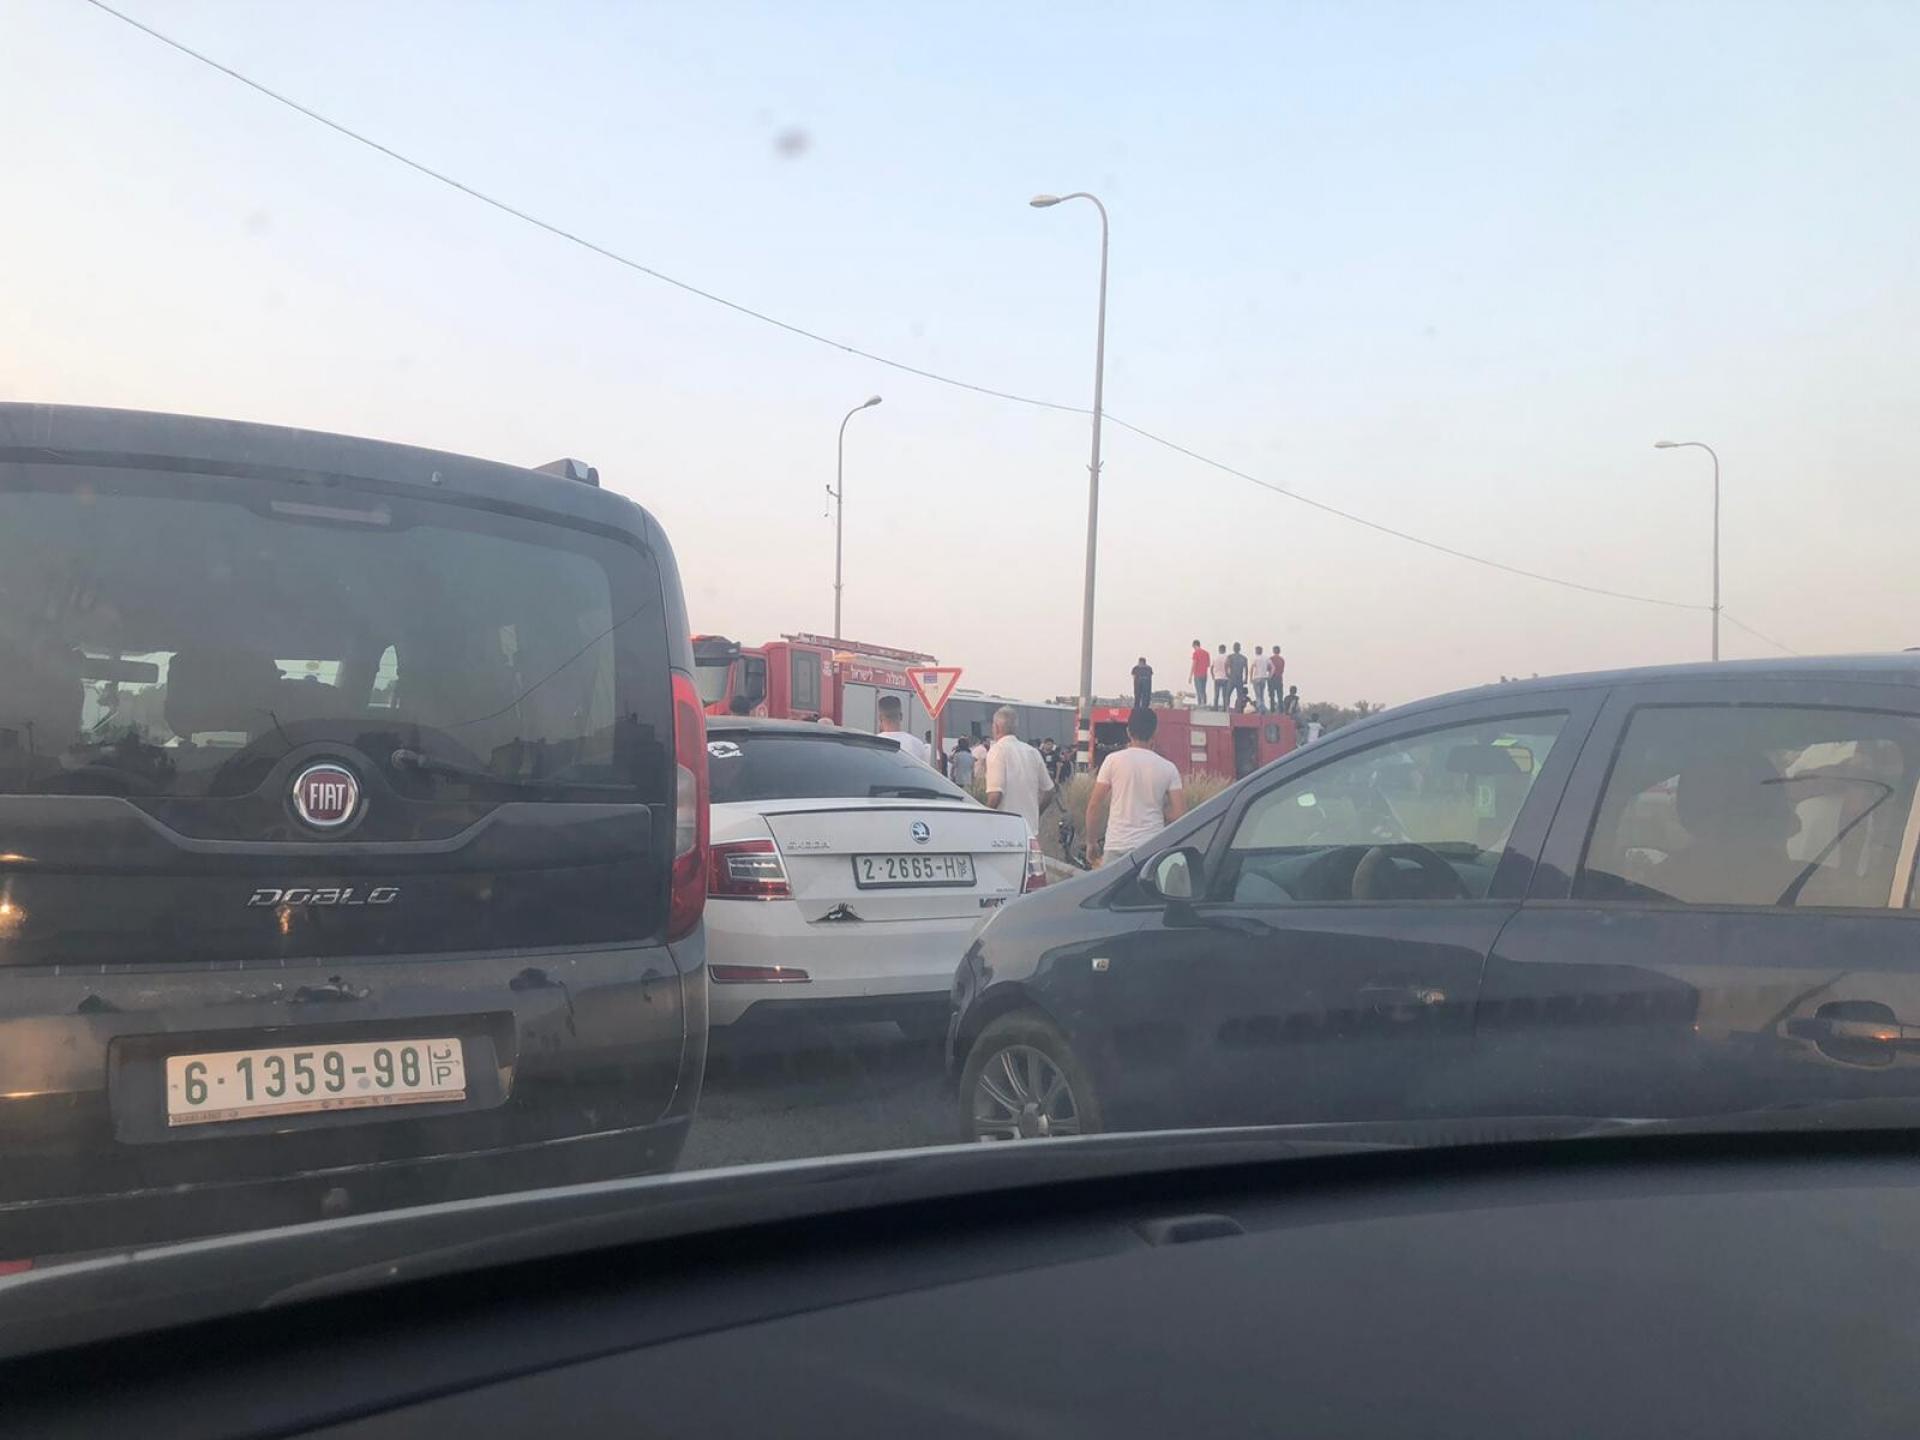 תאונה קשה בכביש מול הכניסה לעזון